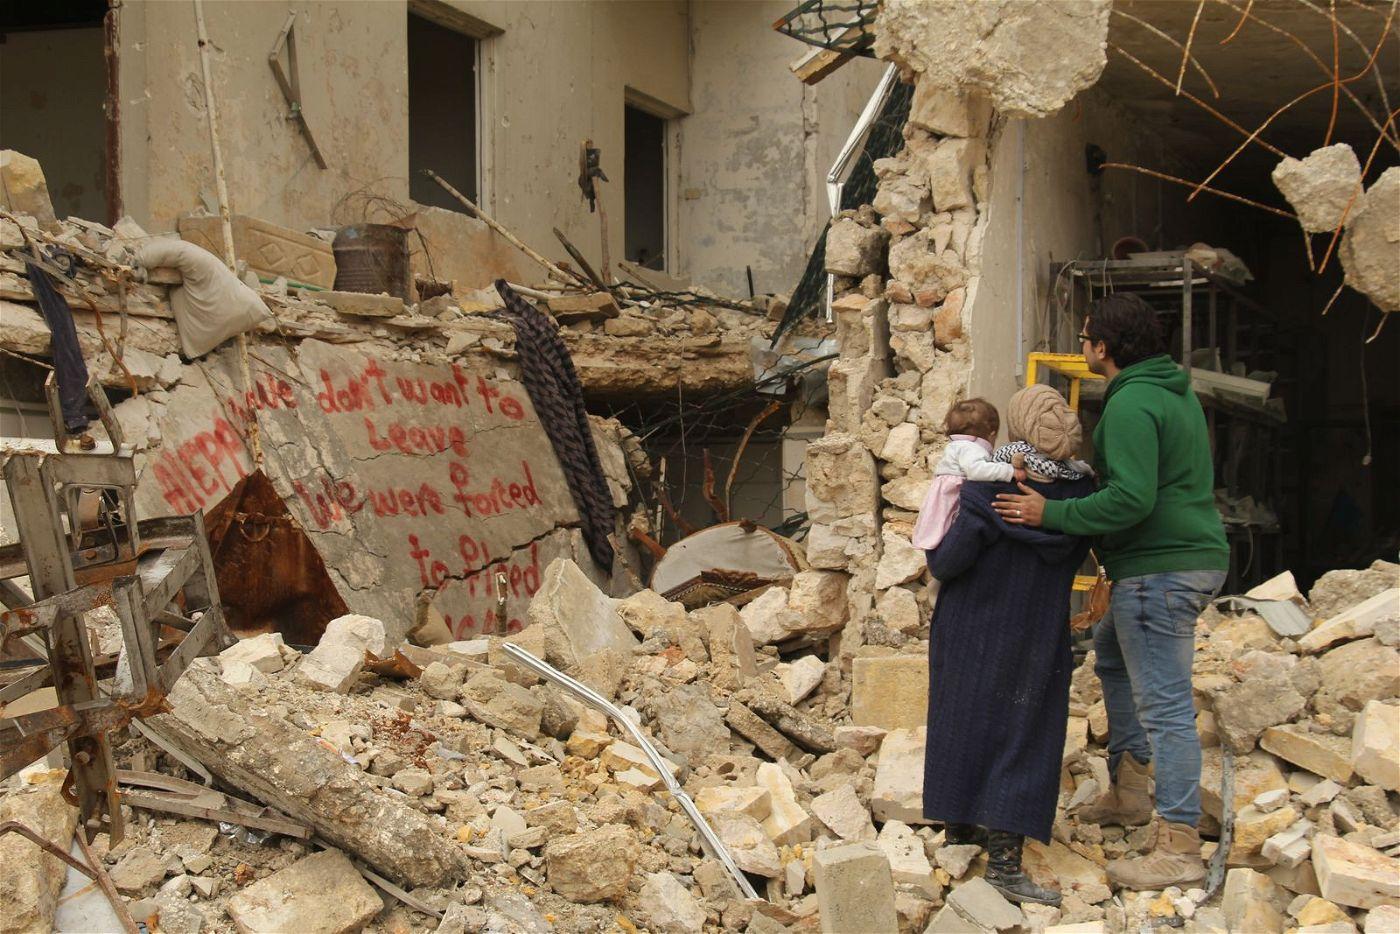 In den Trümmern von Aleppo: Waad und ihr Mann Hamza mit ihrer neugeborenen Tochter.